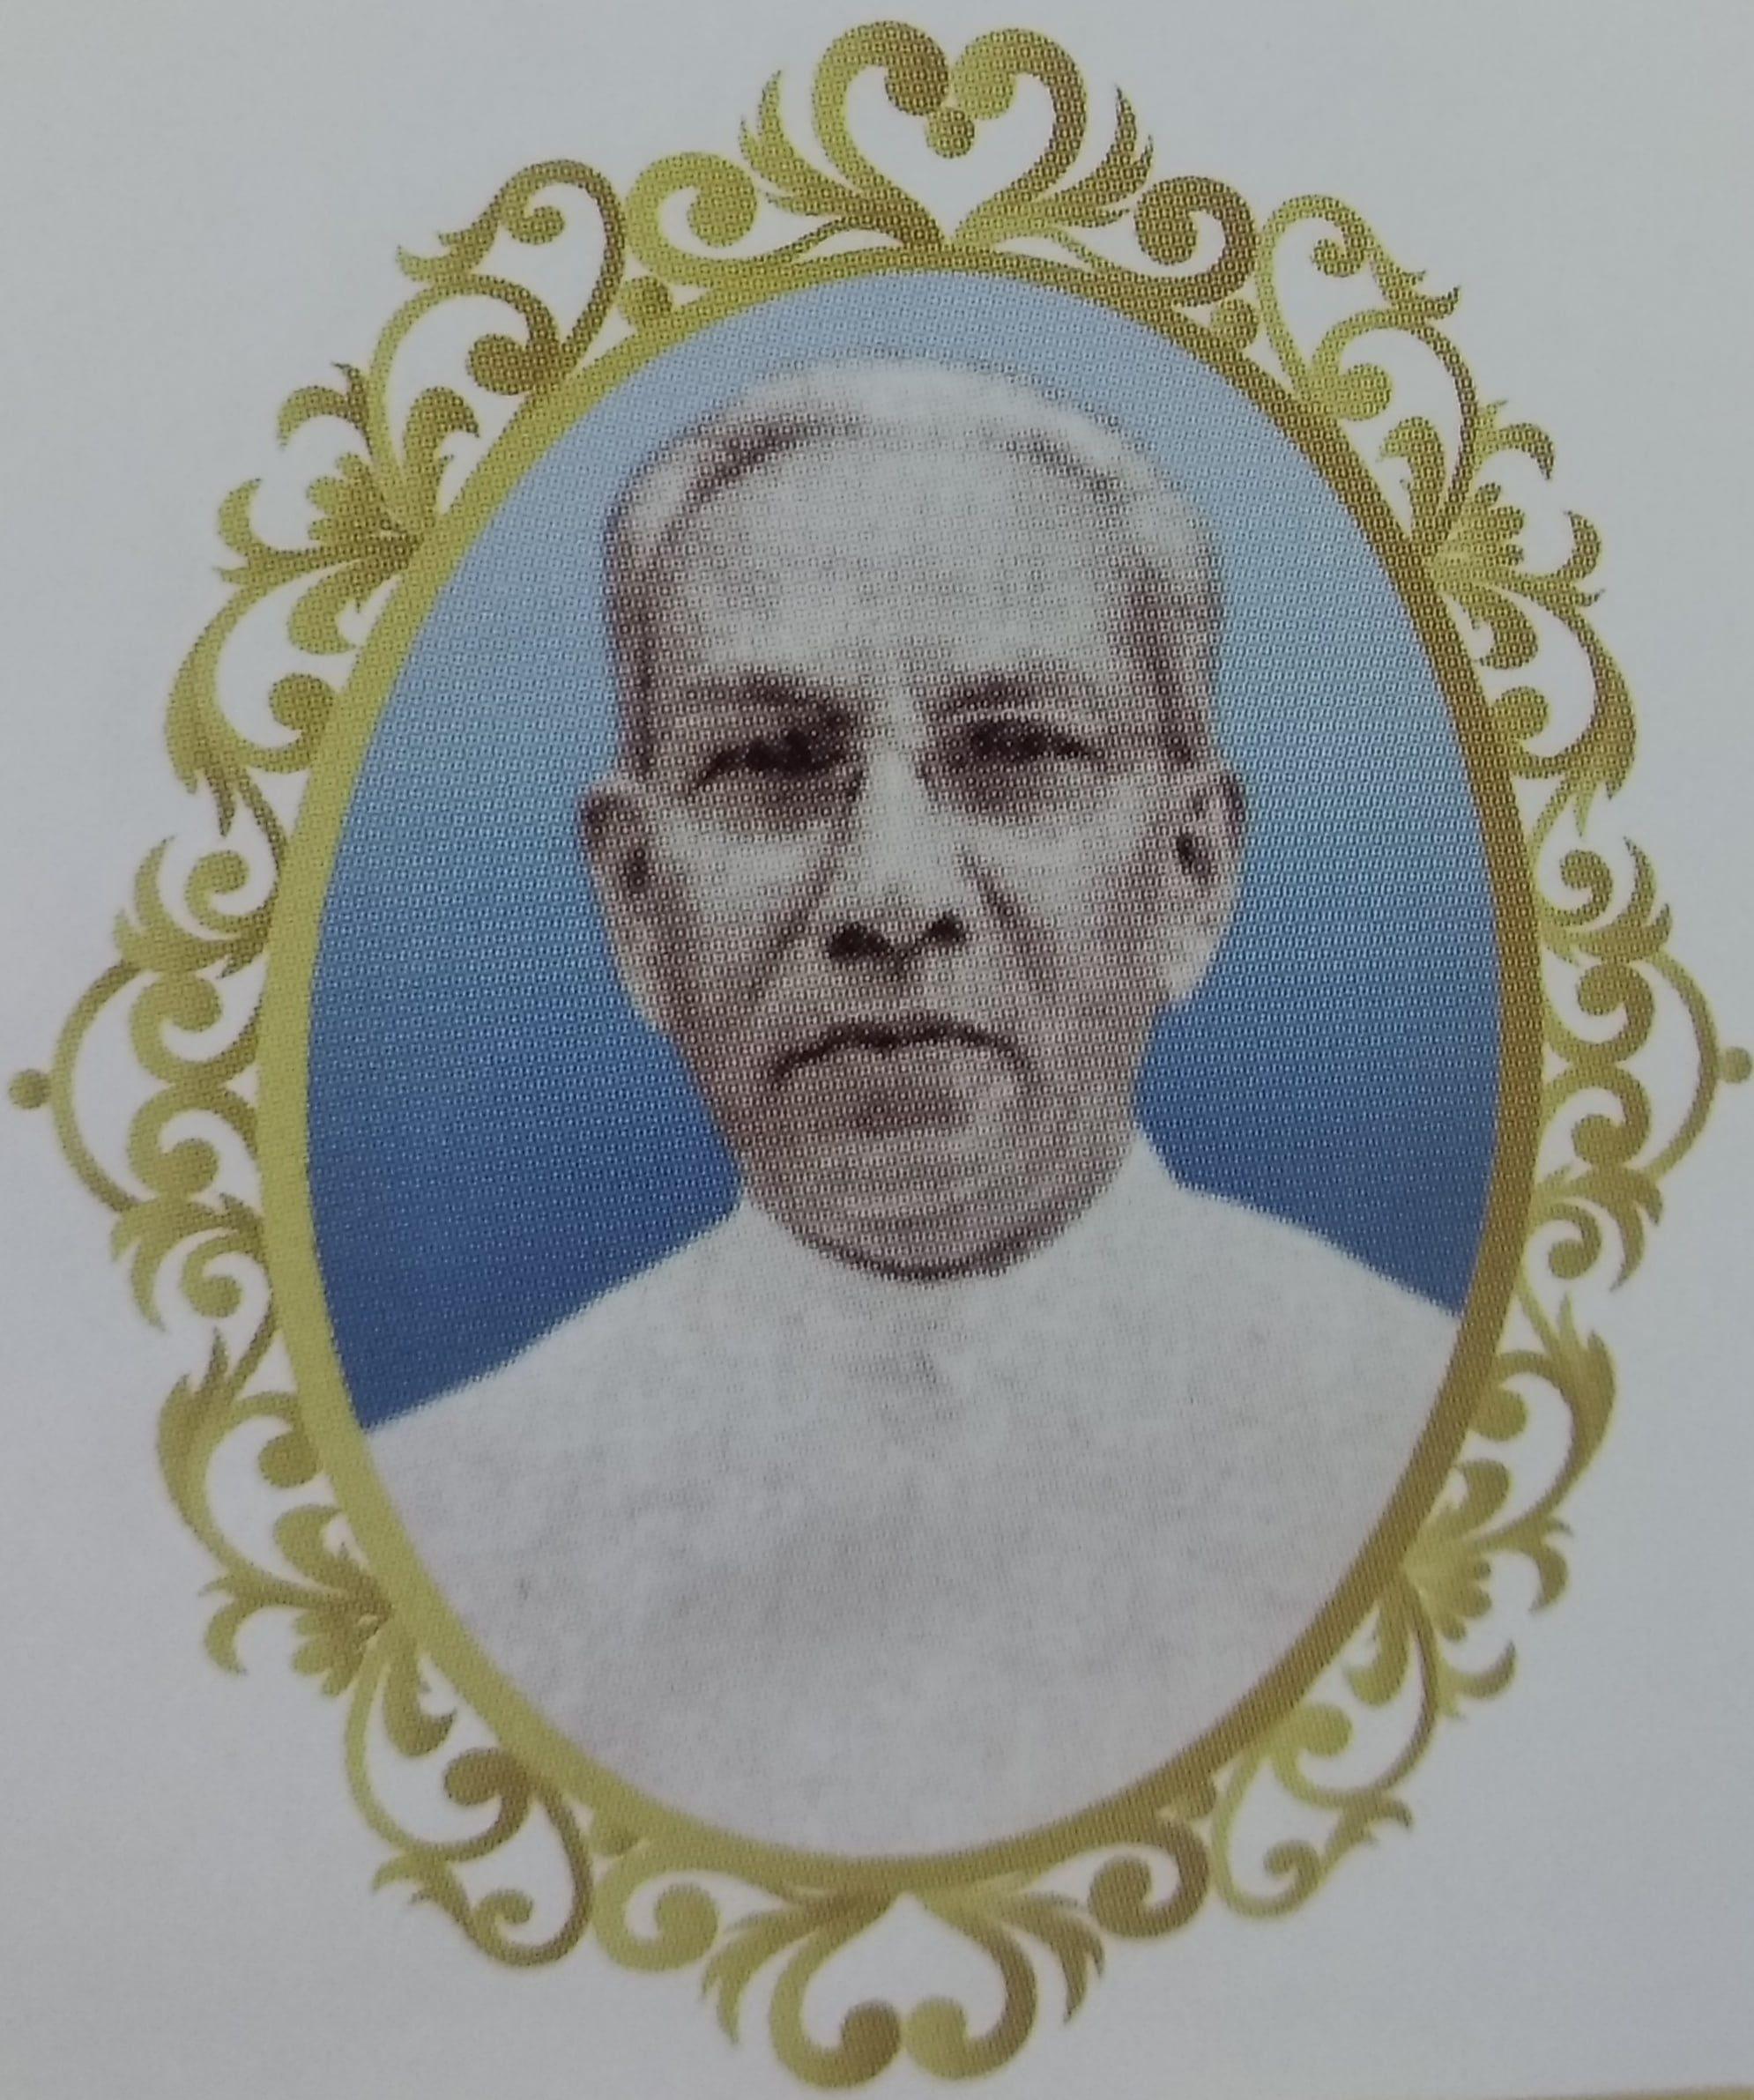 Fr. Blase D'Almeida